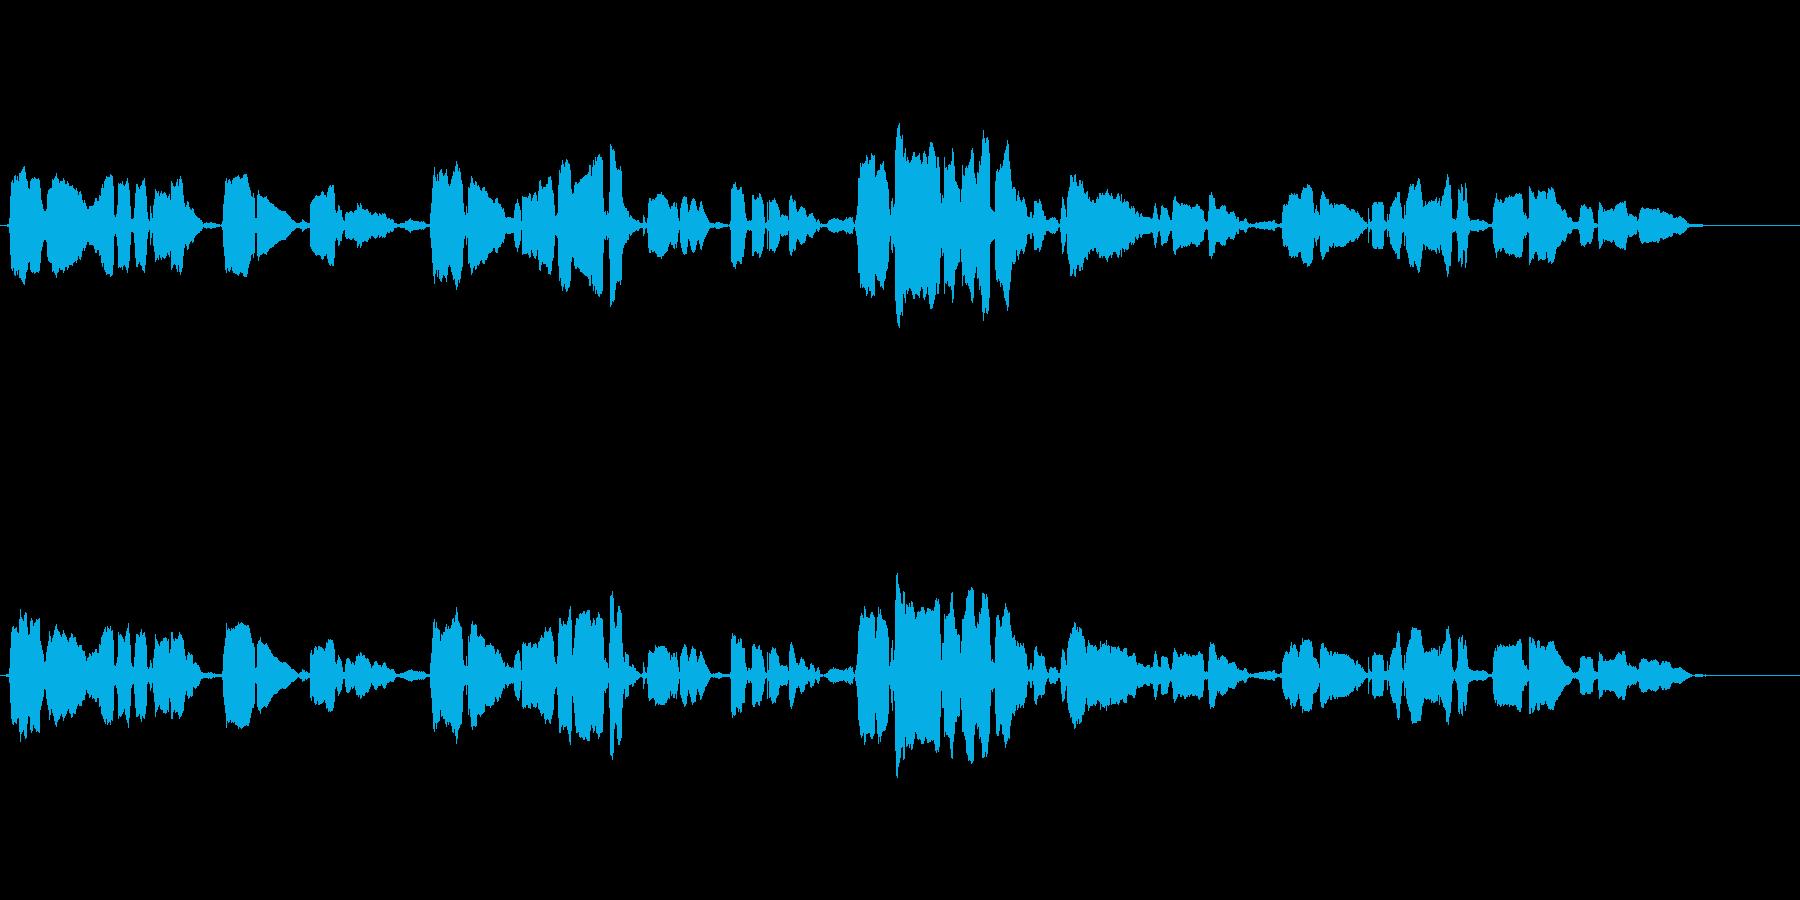 朧月夜 アカペラ ハスキーで繊細な歌声の再生済みの波形